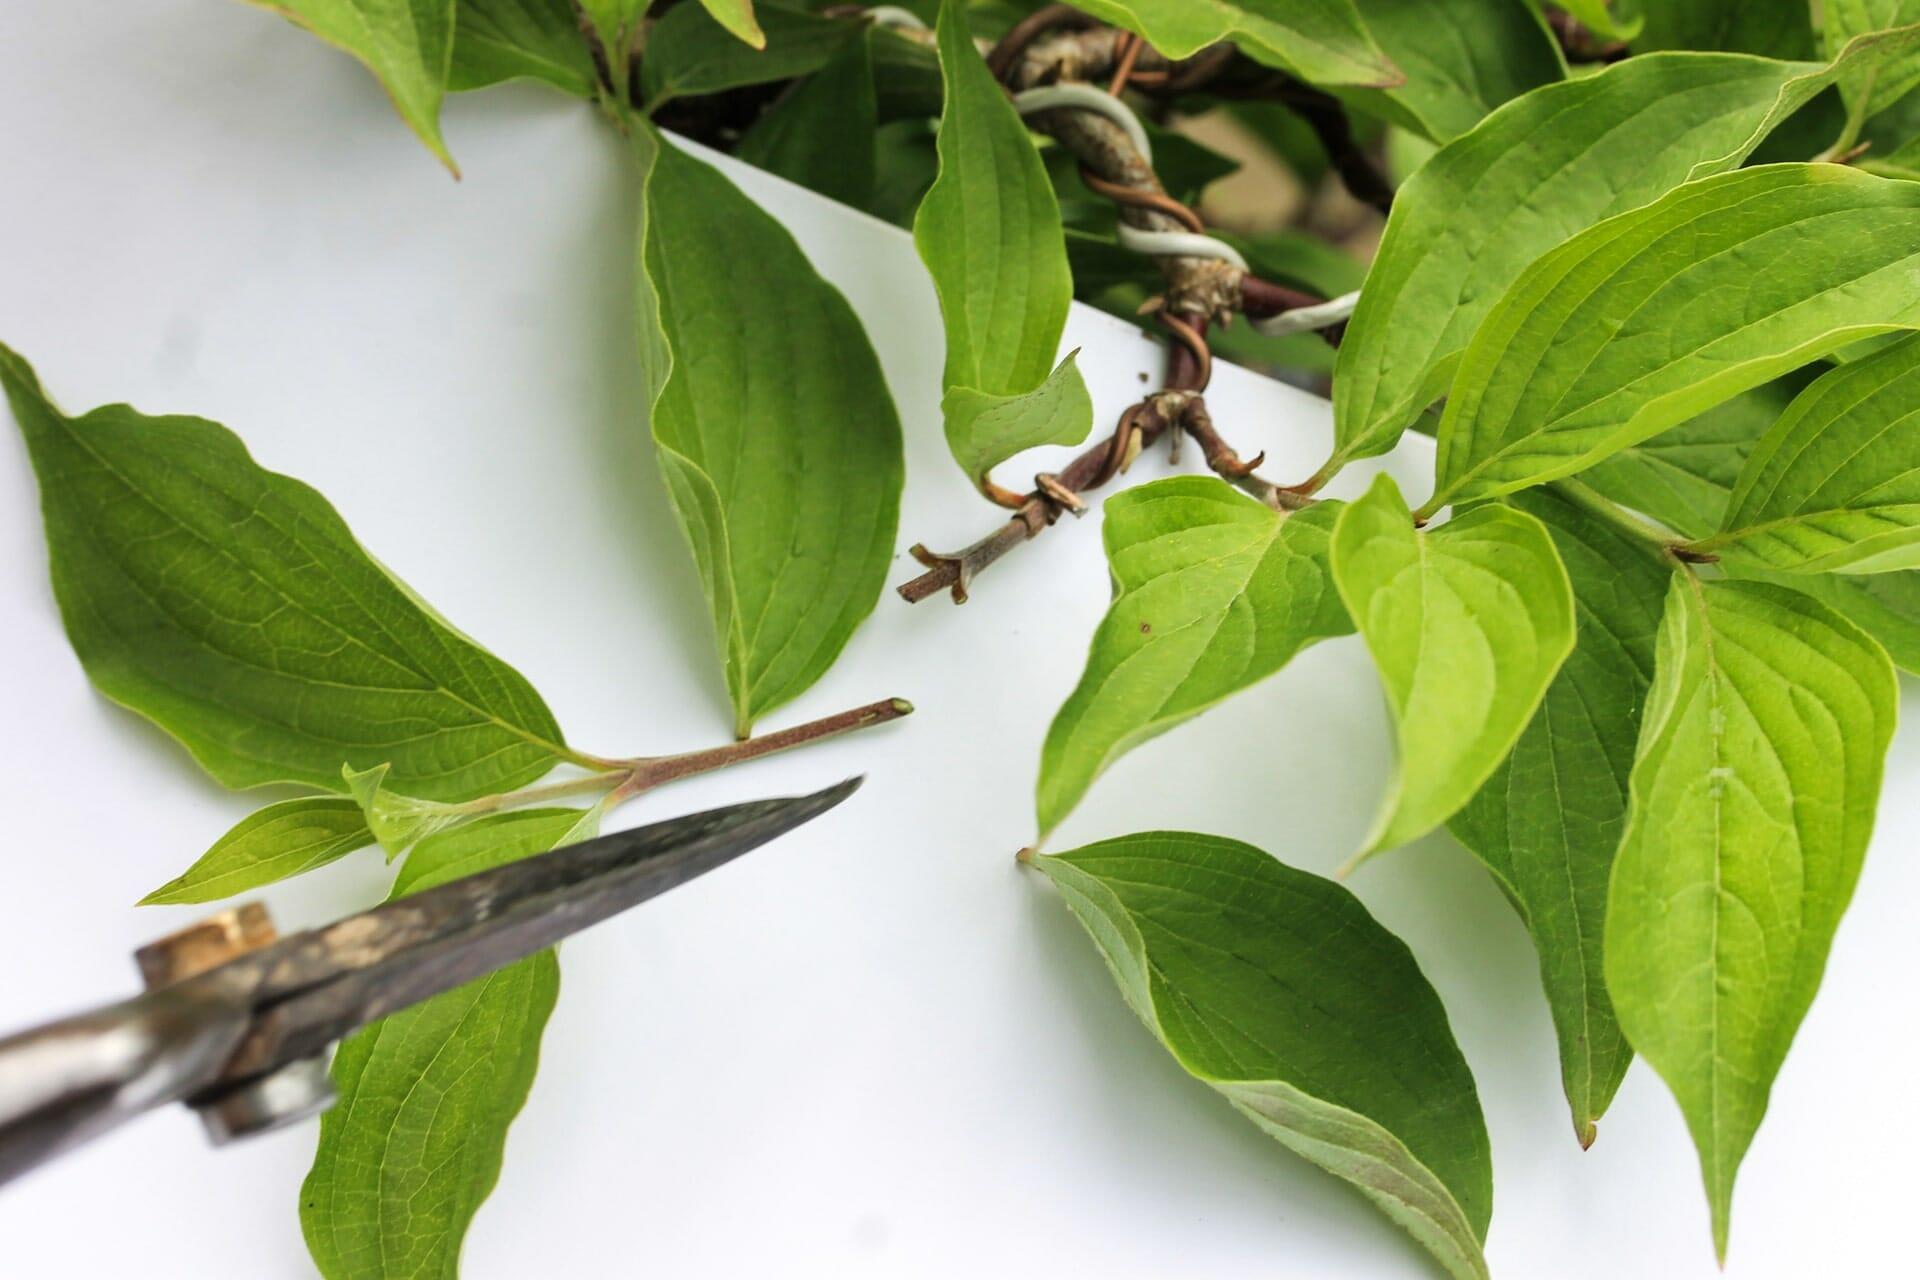 Bonsai Blattschnitt bei einer Kornelkirsche: Entlauben um die Blattgröße zu reduzieren Abbildung 3